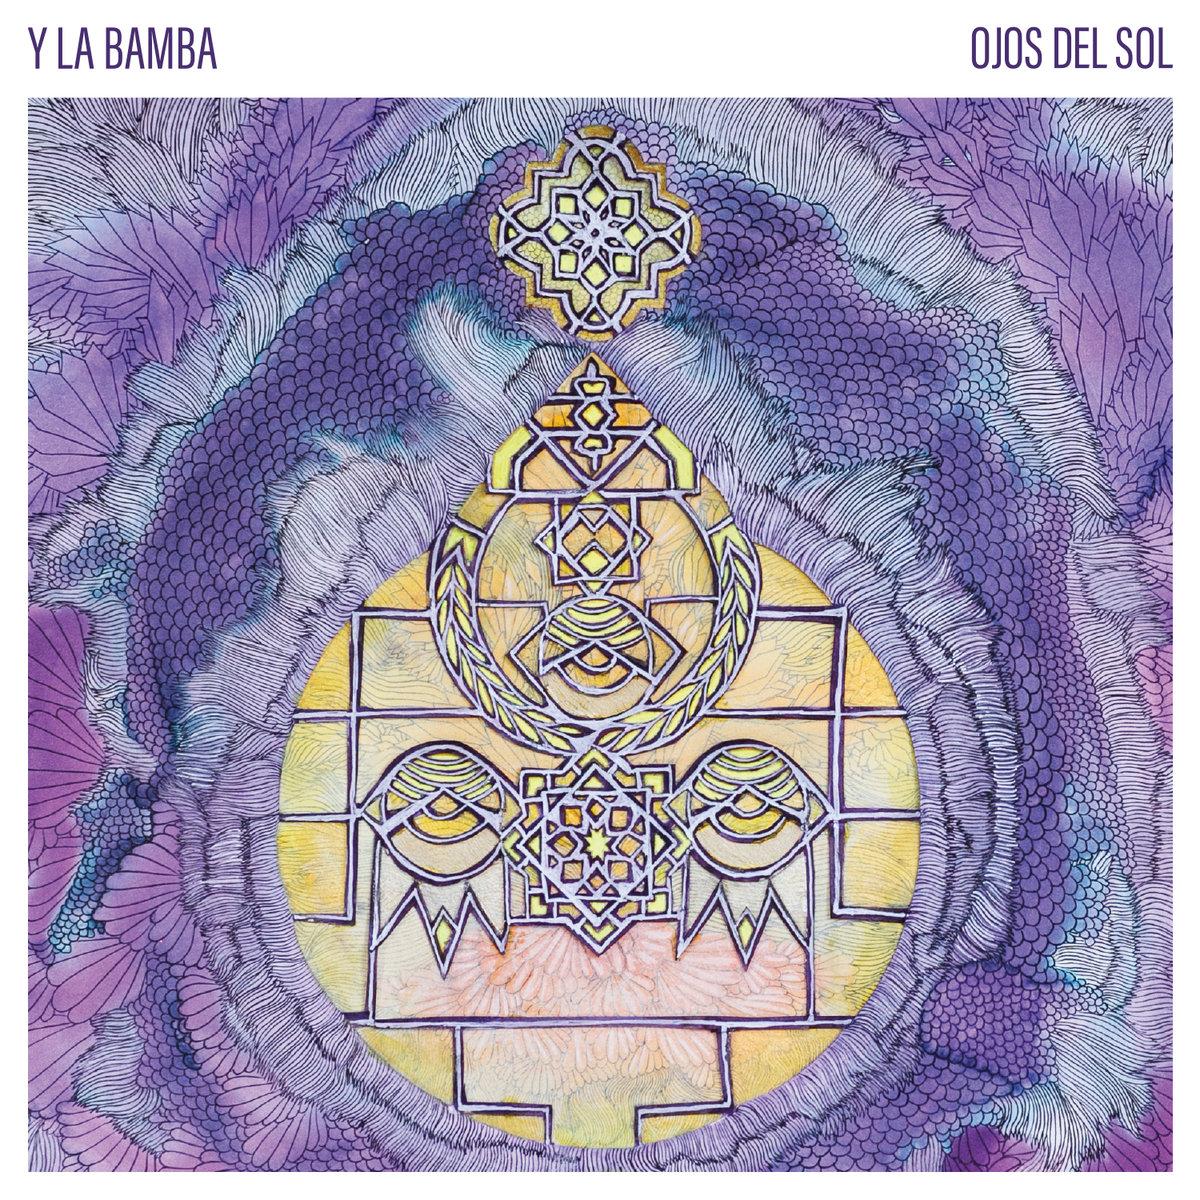 Y La Bamba - Ojos Del Sol - production / engineering / mixing